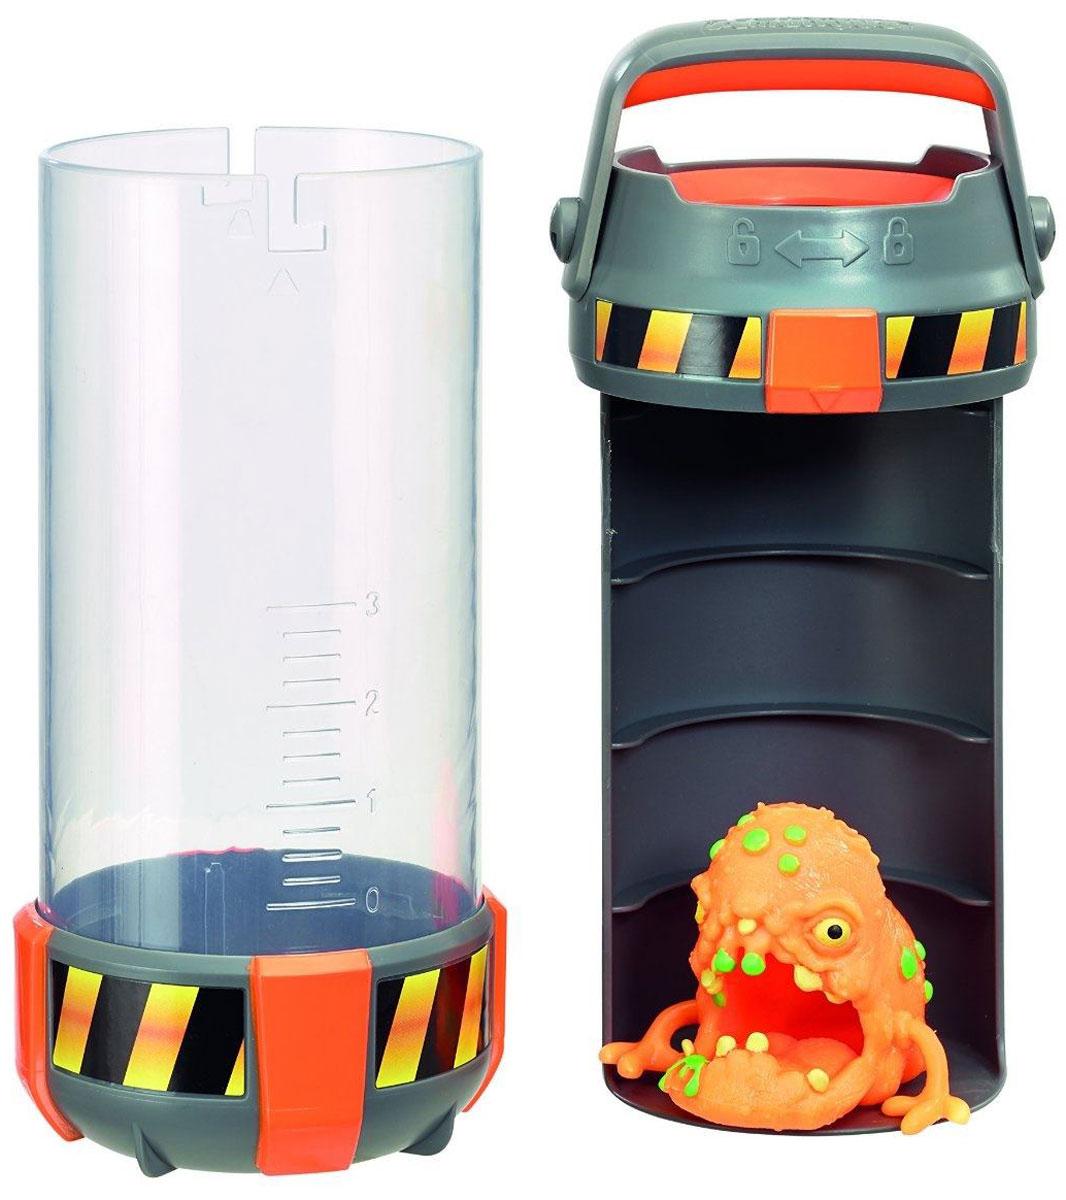 Fungus Amungus Игровой набор Токсичная капсула цвет оранжевый22510.2300_оранжевыйОсторожно, это токсичный контейнер! Бактериологическая опасность! Перед вами новинка 2016 года - одна из примечательных новинок серии функциональных коллекционных игрушек Fungus Amungus. По сюжету, из секретной экспериментальной лаборатории сбежали микробы и спрятались в джунглях, гаджетах, еде, дикой природе и даже в человеческом теле. Их всех нужно незамедлительно поймать! Игровой набор Fungus Токсичная капсула включает в себя капсулу для коллекционирования микробов и фигурку супермикроба эксклюзивного типа. Фигурка изготовлена из эластичного пластика. Кроме того она хорошо липнет к ровным поверхностям. Разумеется, внутреннее пространство контейнера можно использовать и более разумно. Туда могут поместиться несколько чашек Петри, встречающихся в других наборах данной серии игрушек.